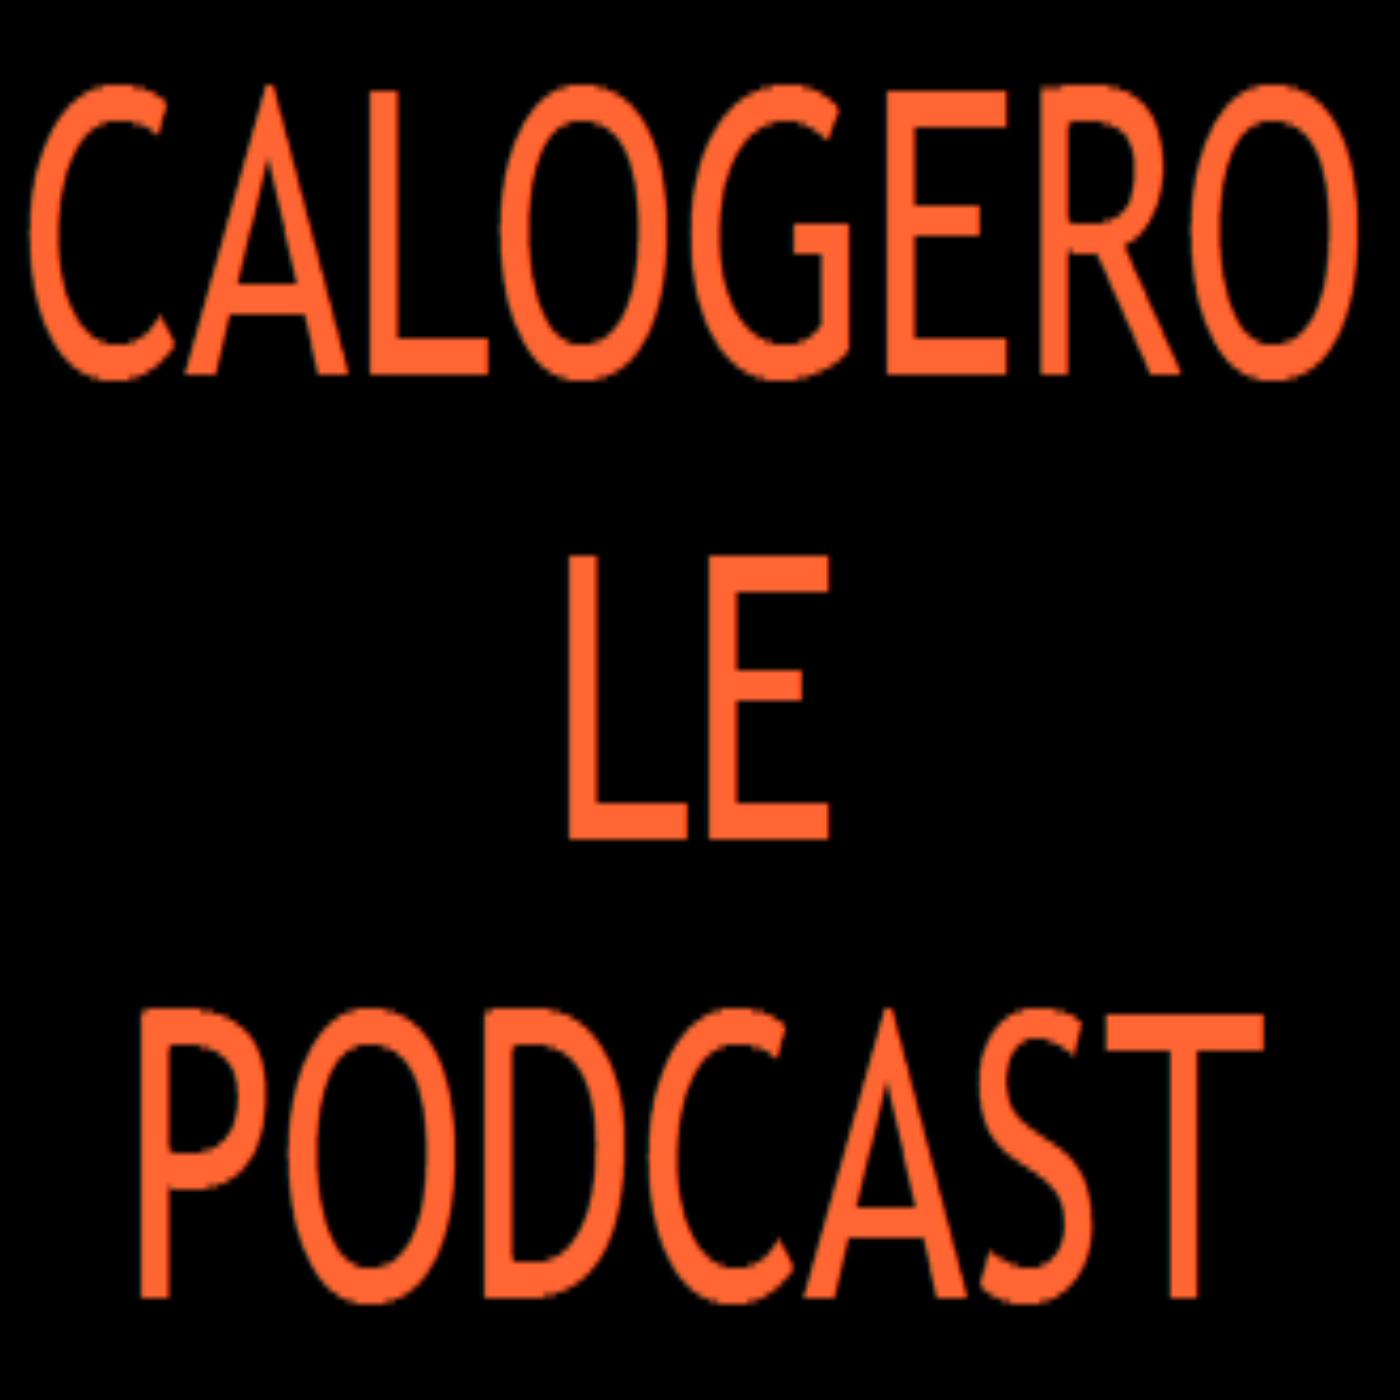 Podcast Episode 9 : l'attaque des chihuahua !